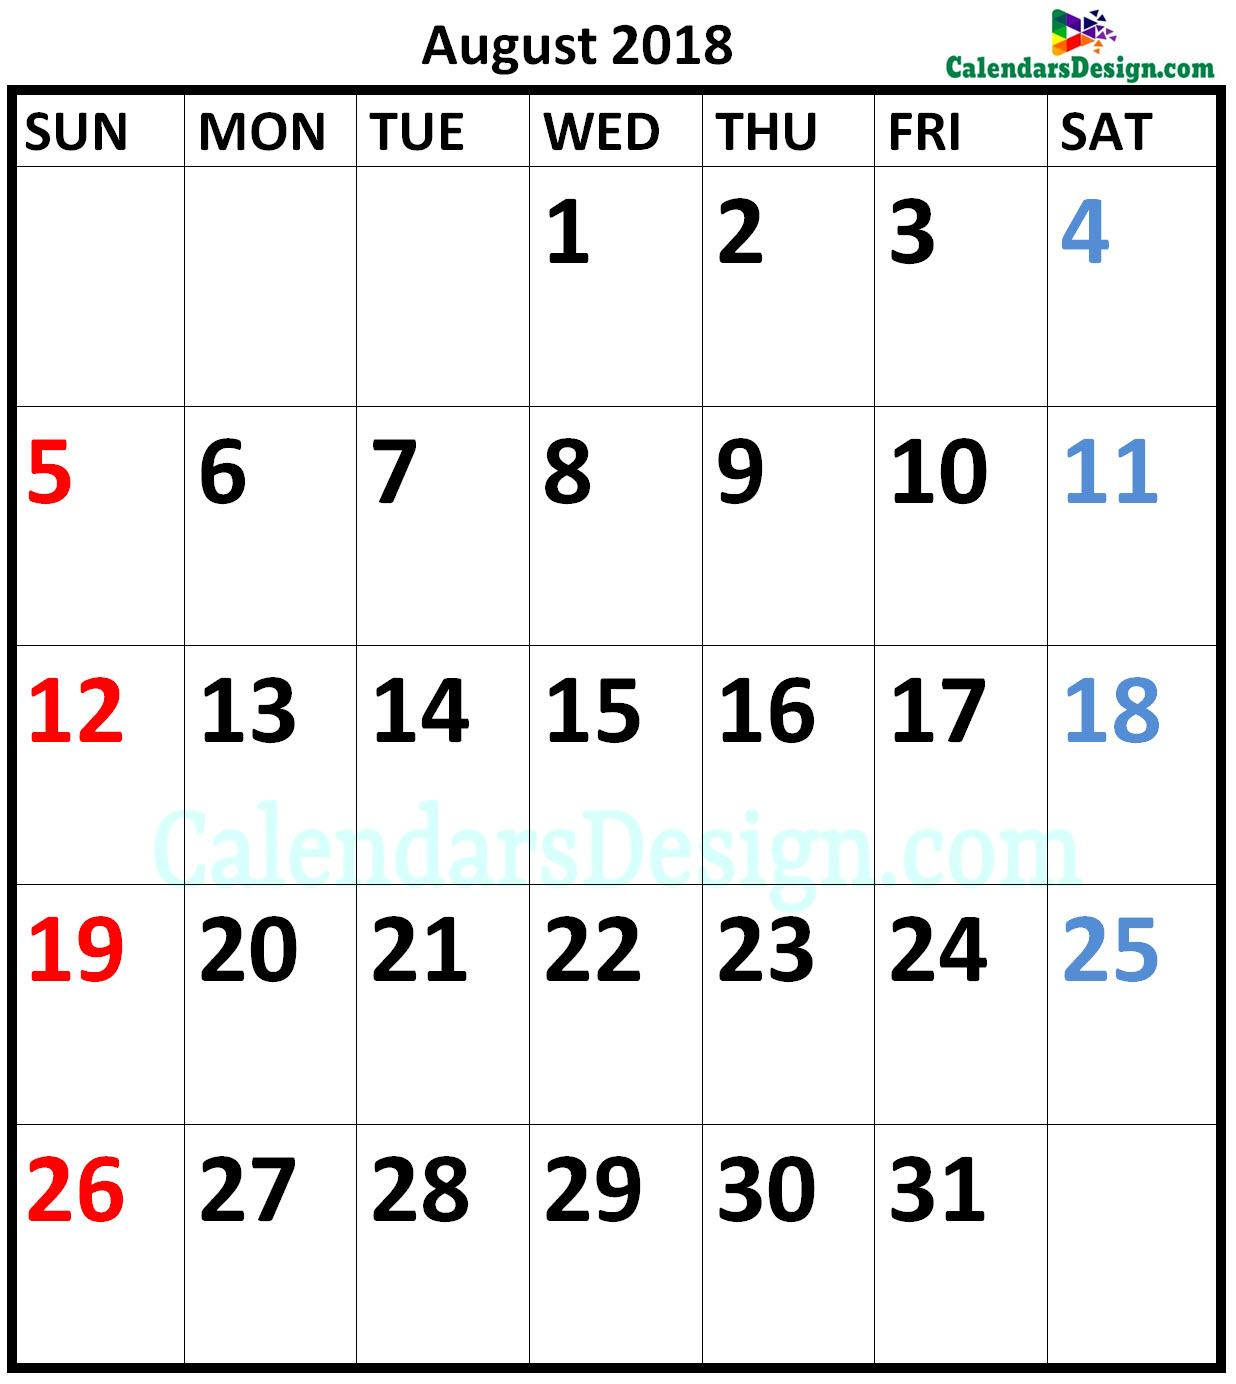 August 2018 Calendar A4 Size